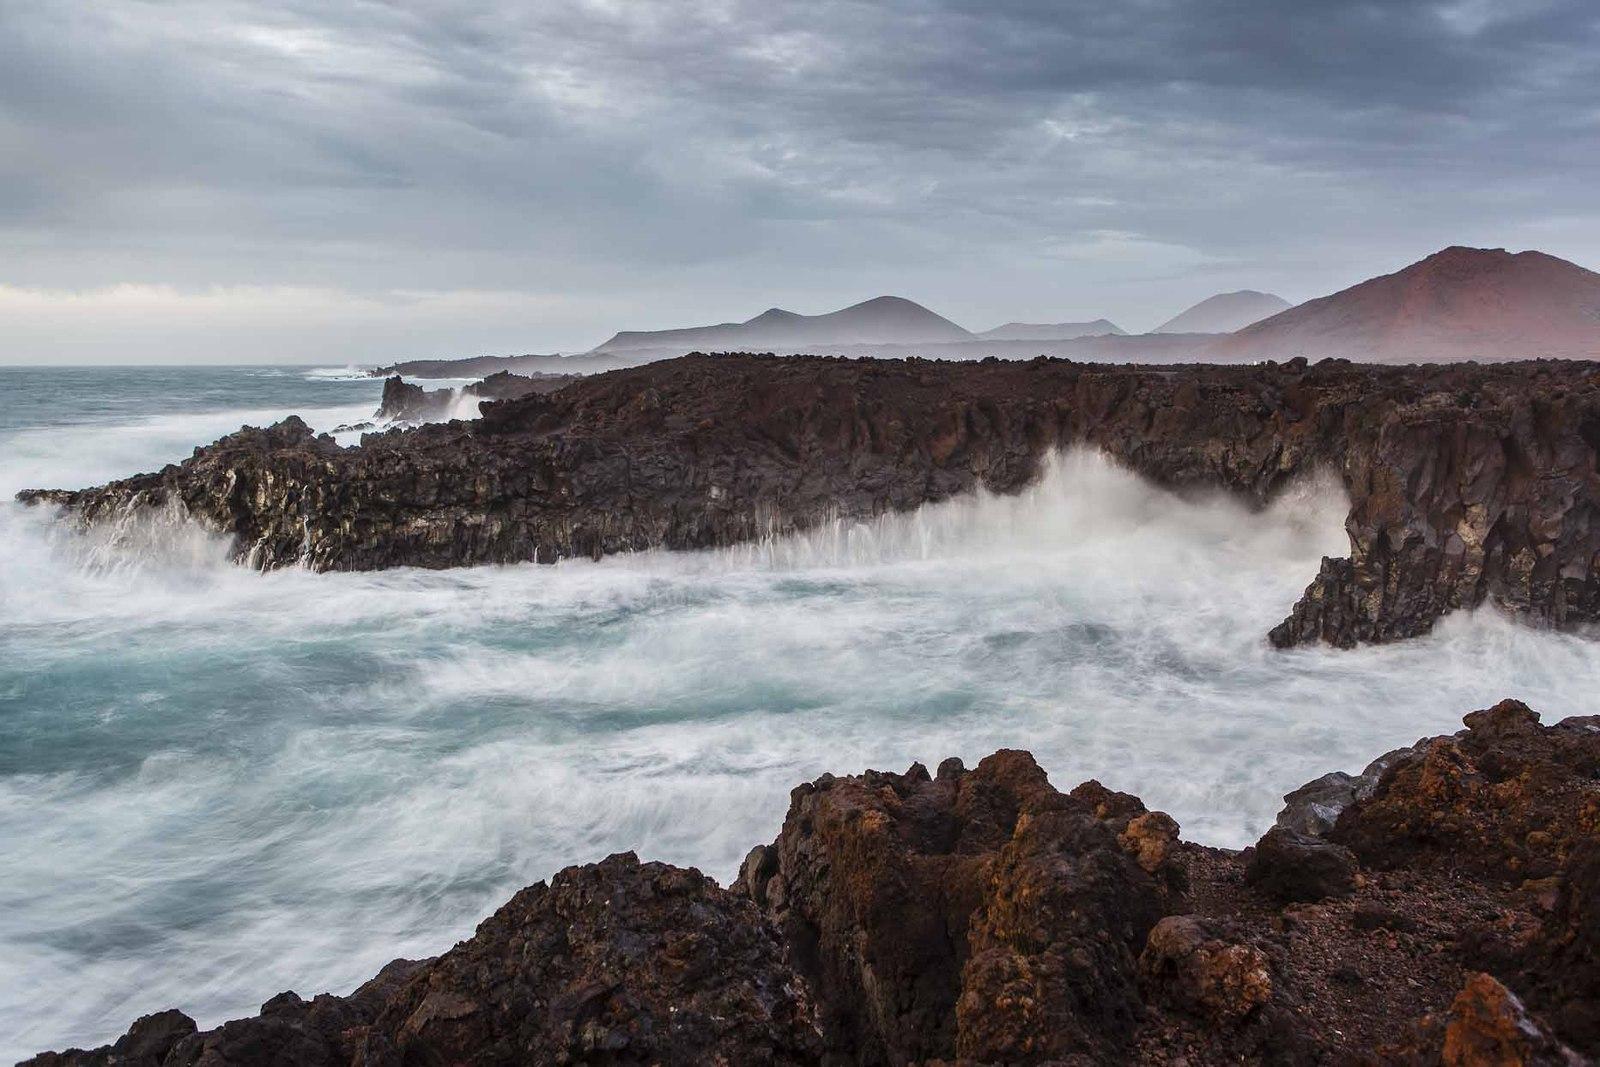 Qué ver en Lanzarote. Paisaje de Los Hervideros. Fotografía de Ramón Pérez Niz